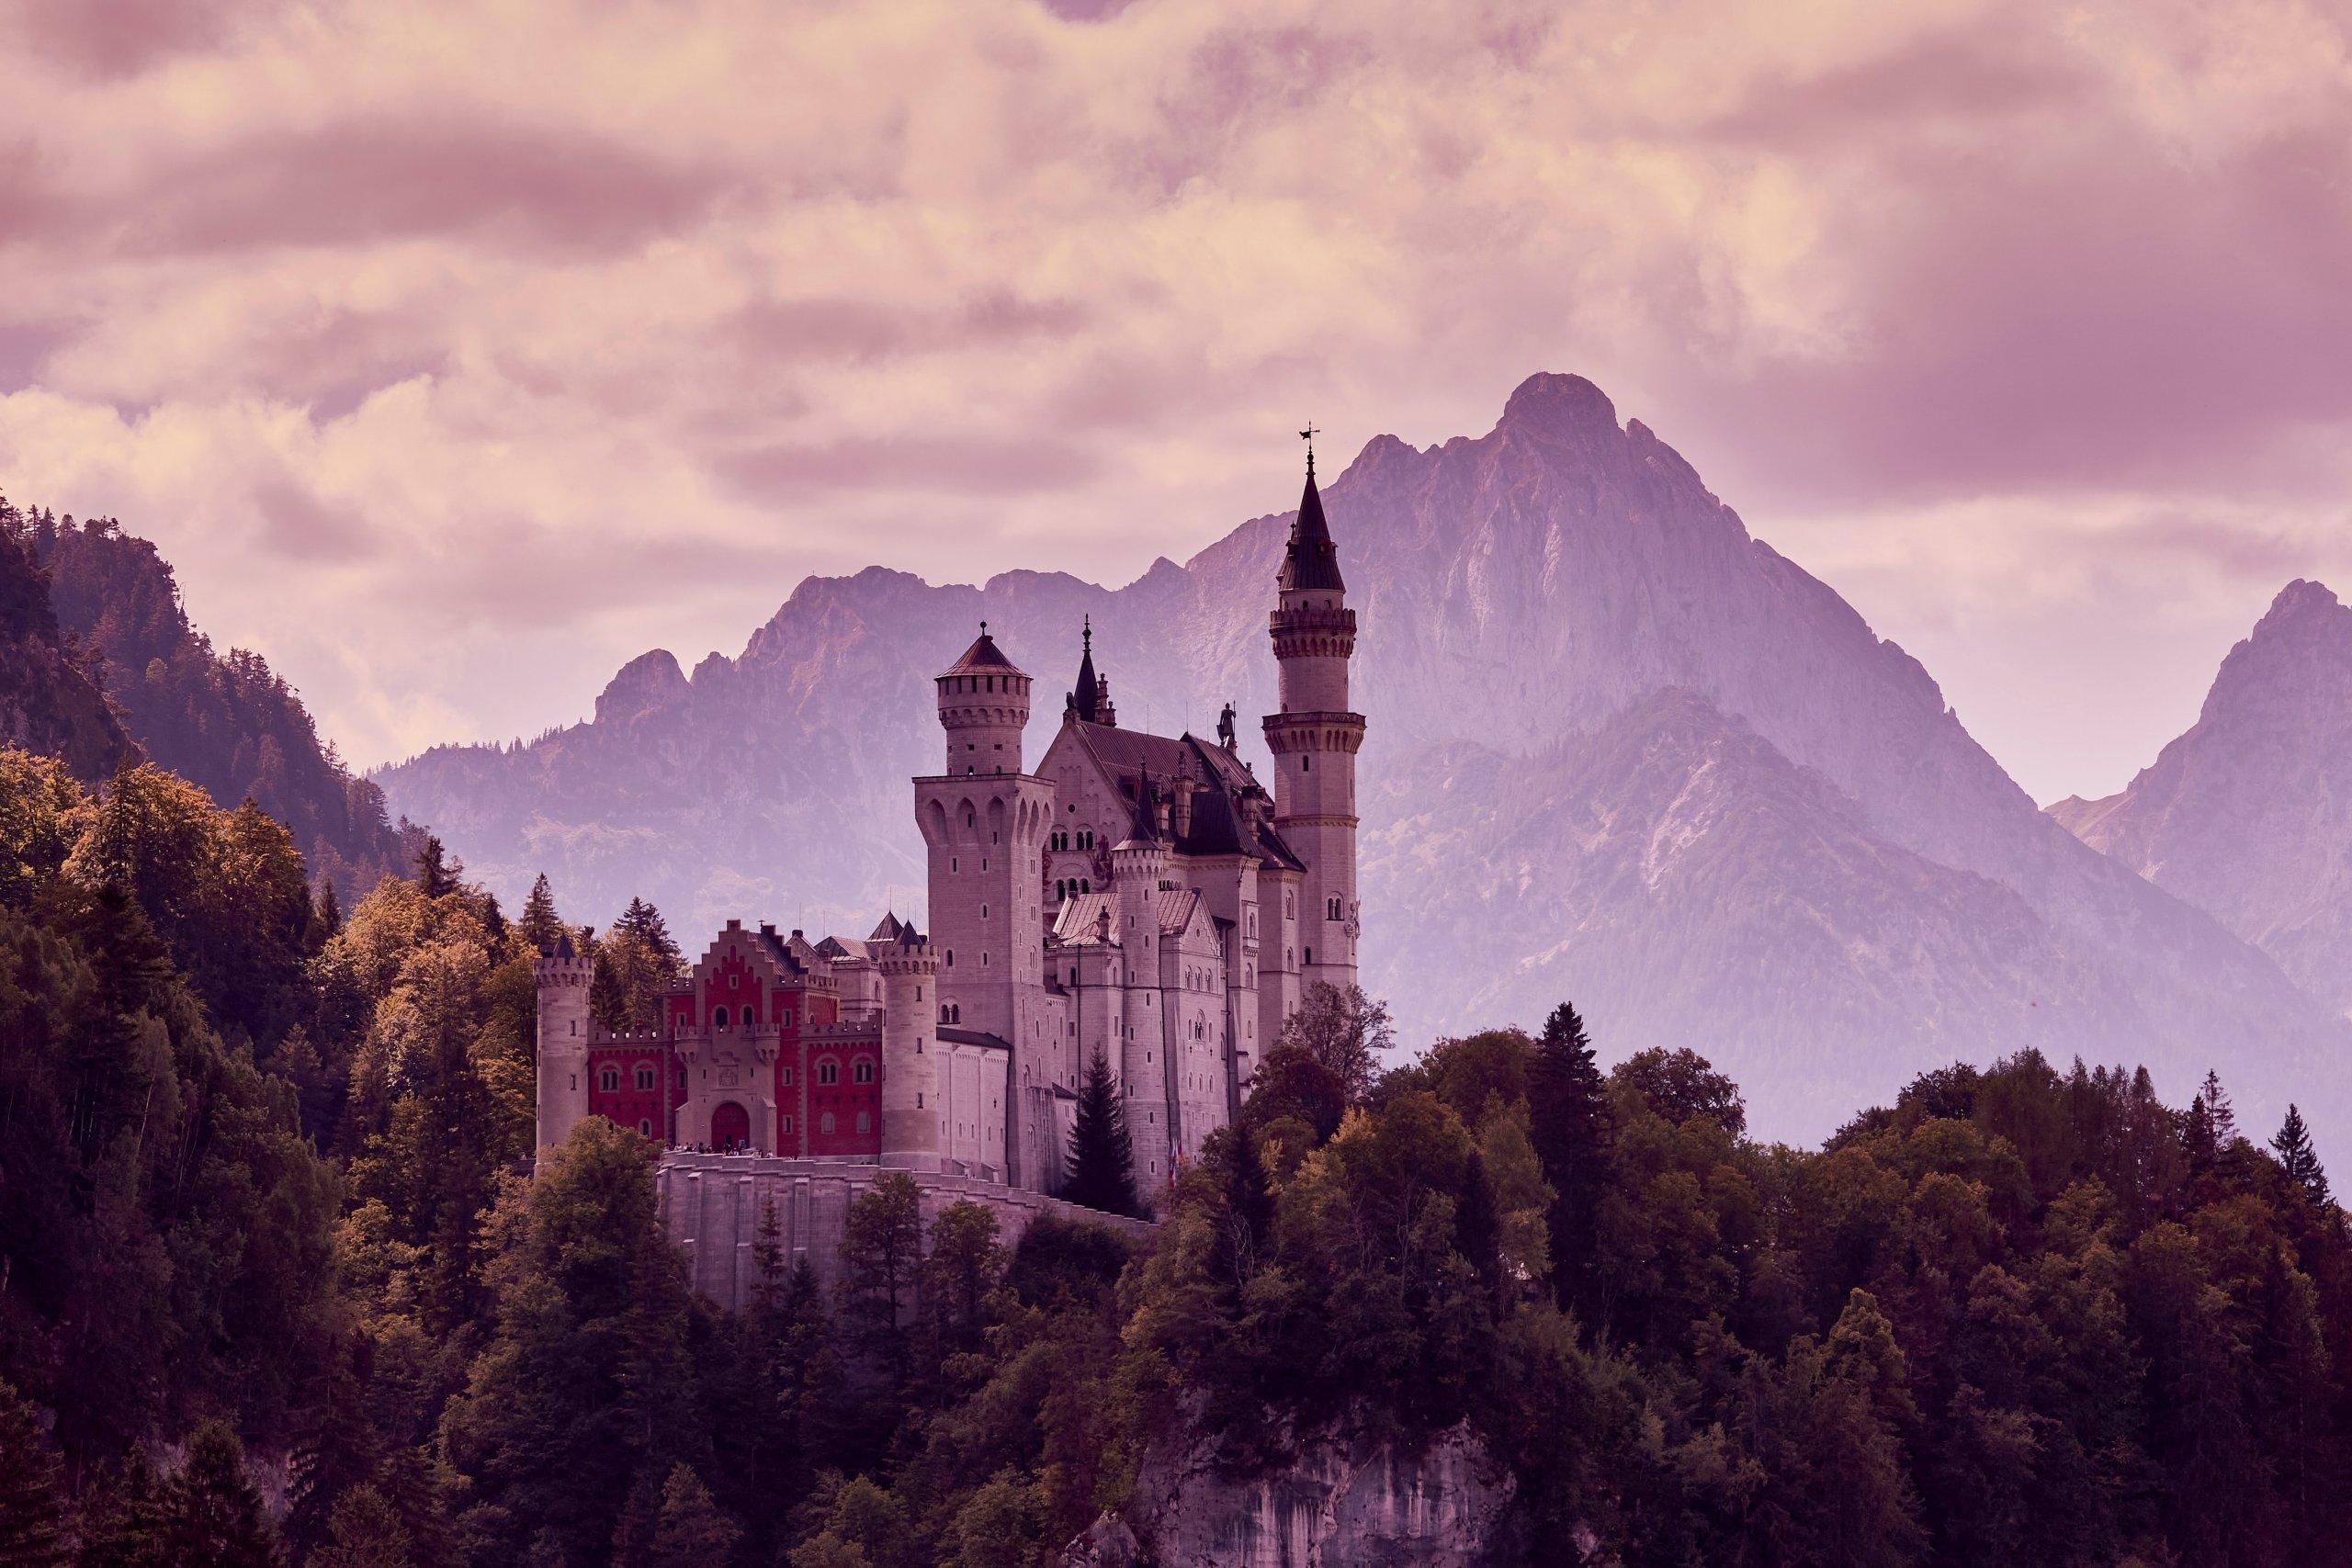 Njemački dvorac koji je inspirirao čak i Walta Disneya